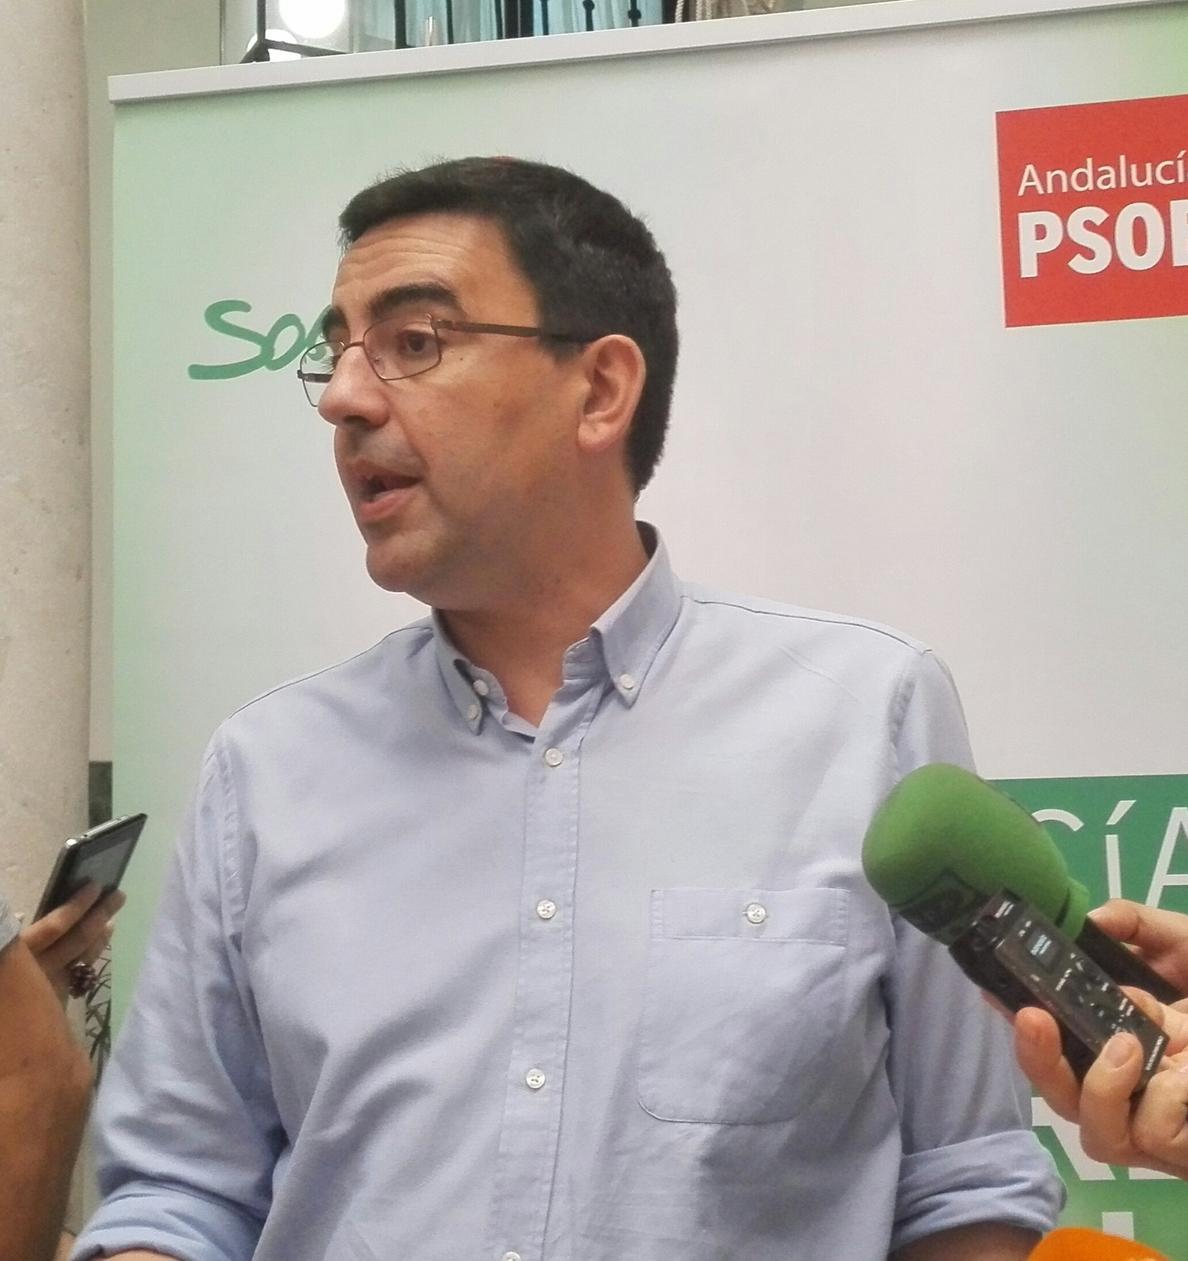 PSOE estudia pedir una comisión de investigación en el Parlamento andaluz sobre «la posible financiación ilegal» del PP